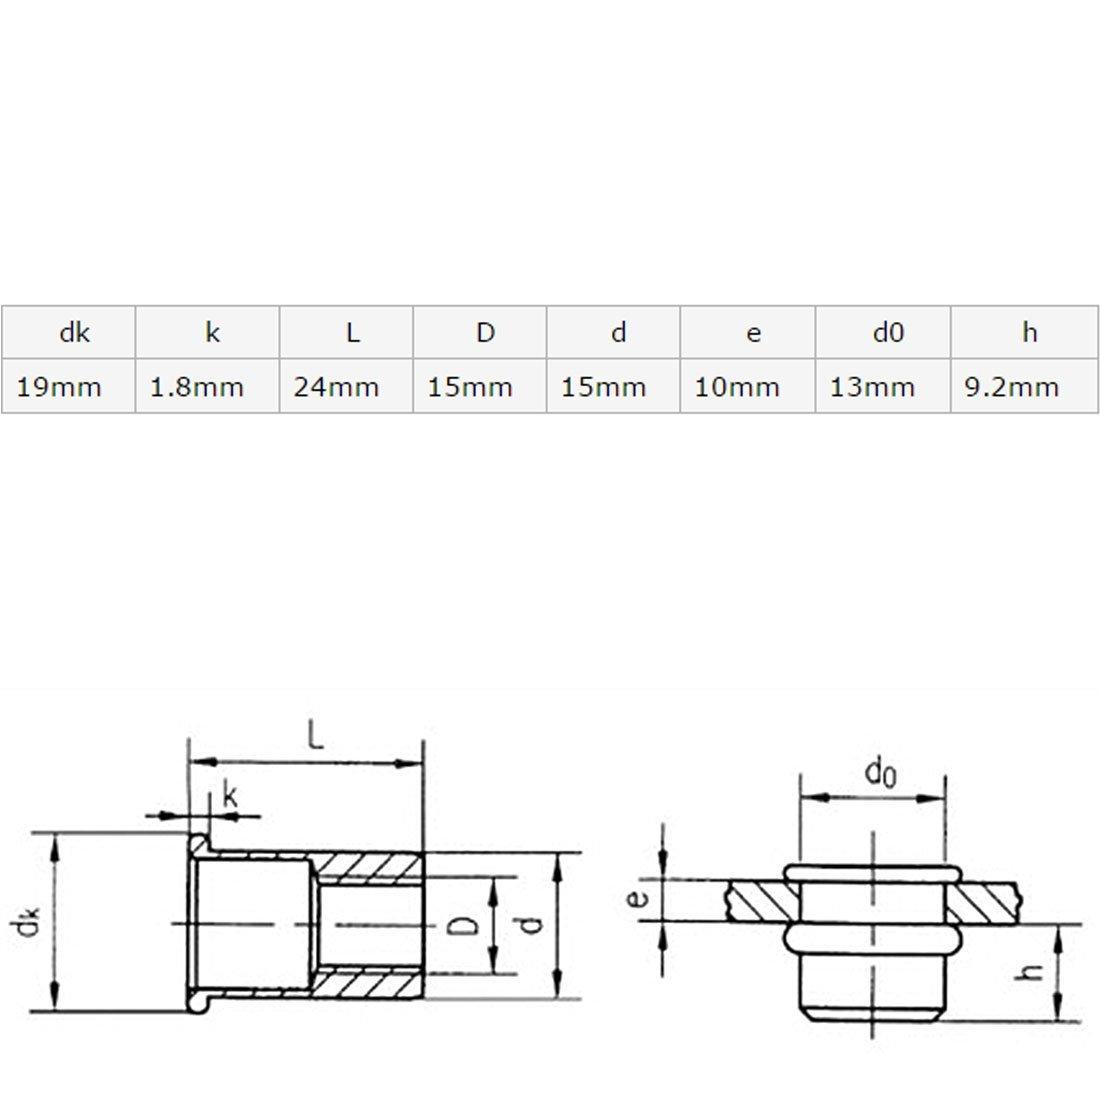 eDealMax a16041900ux0261 Acero inoxidable M12 de cabeza Plana del remache tuerca de inserción